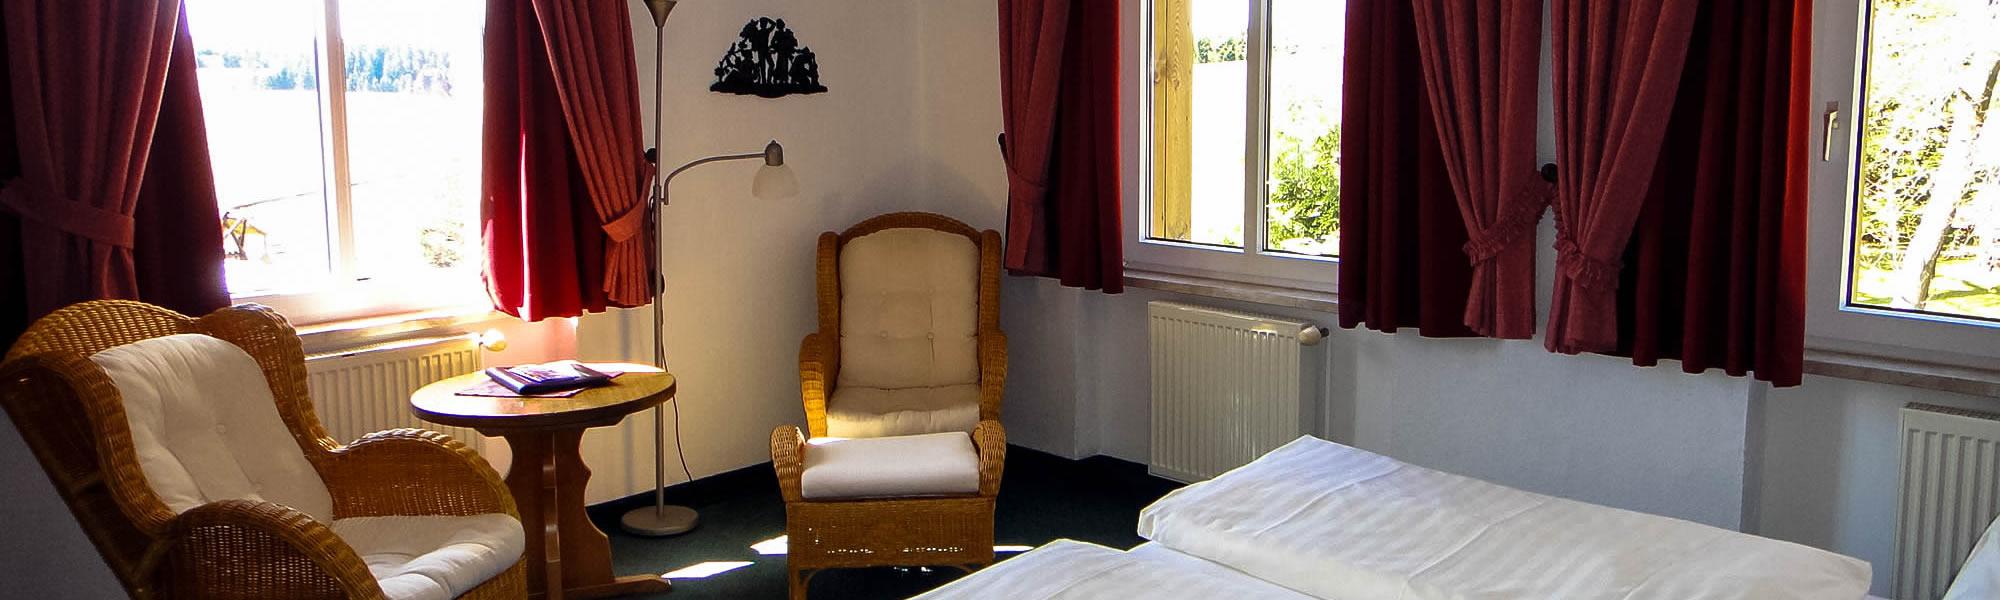 waldhotel AUSZEIT – Übernachten in Tanne im Oberharz